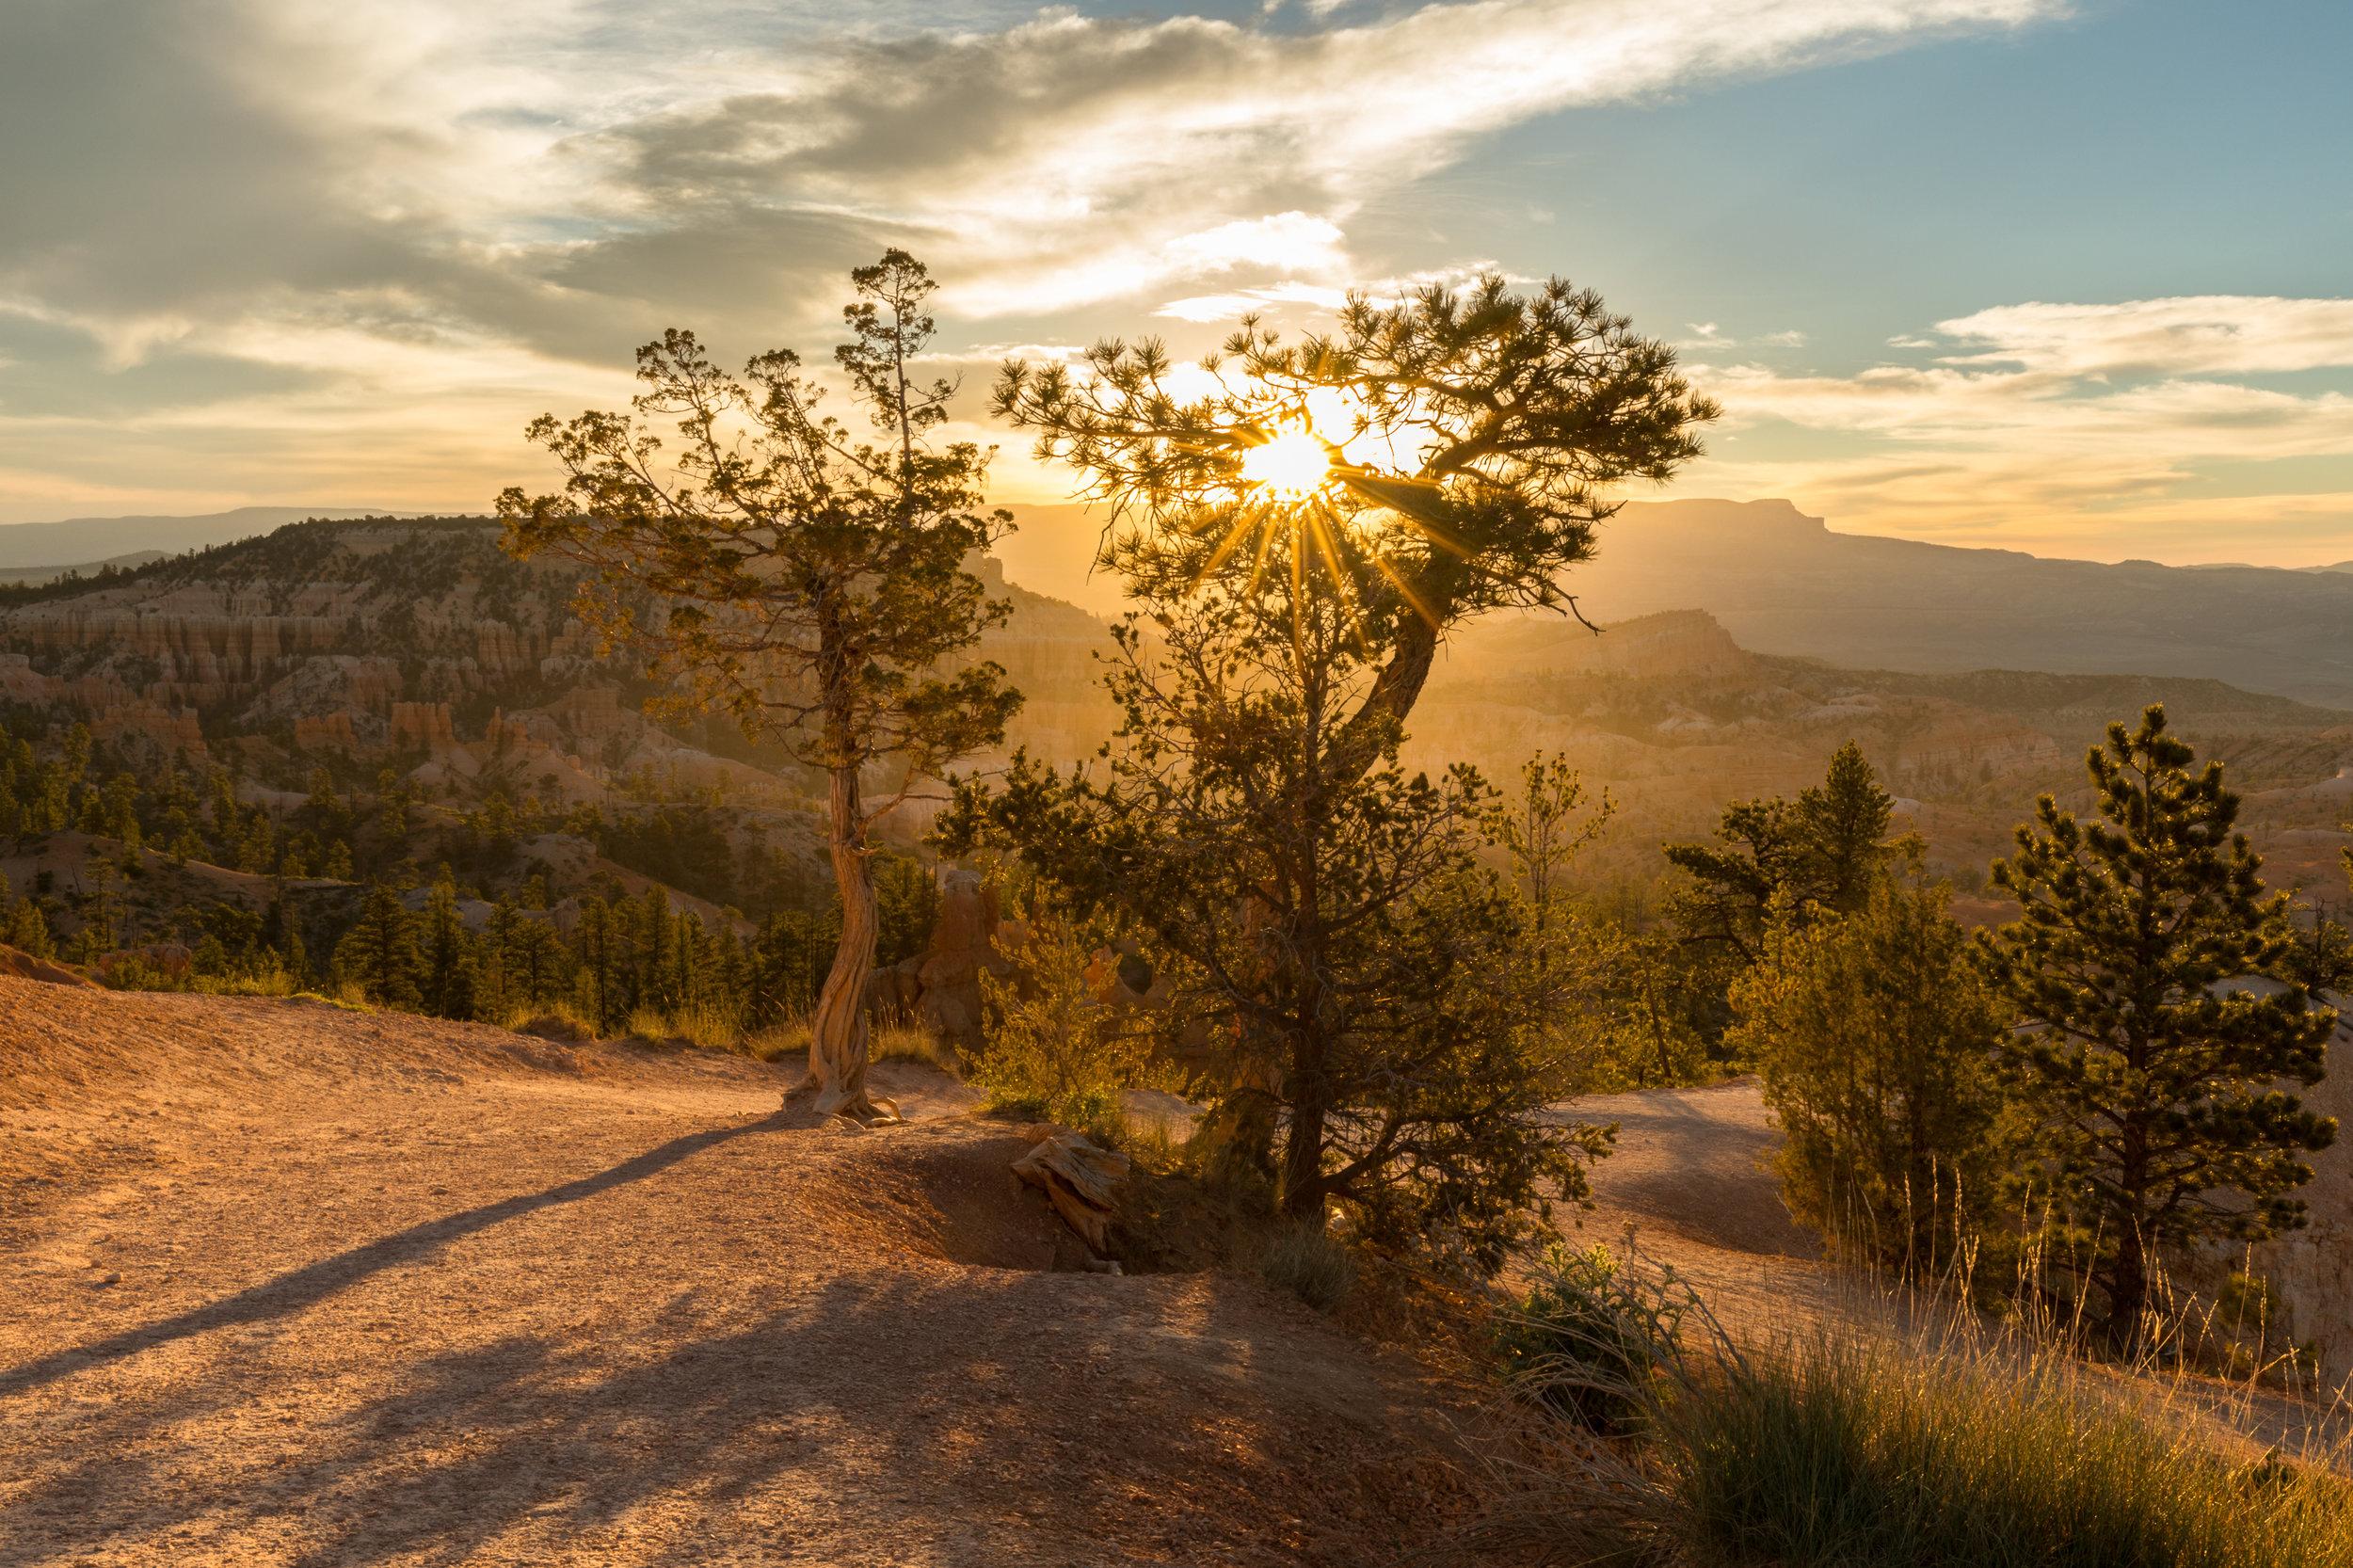 Sunrise Bryce National Park, Image # 0607